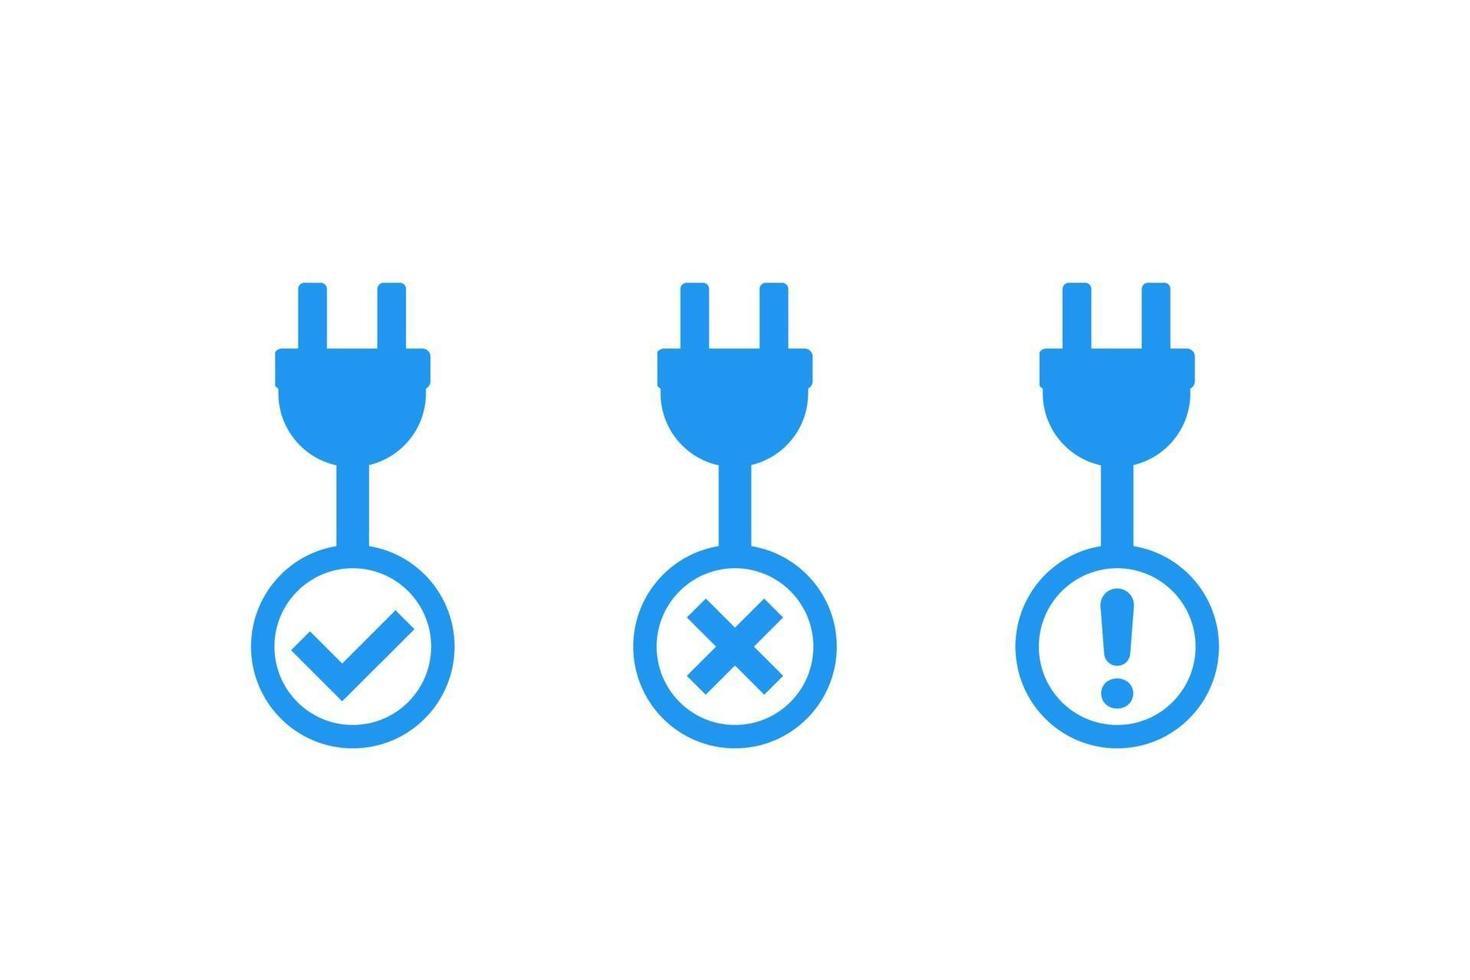 Enchufes eléctricos con signos, iconos vectoriales.eps vector